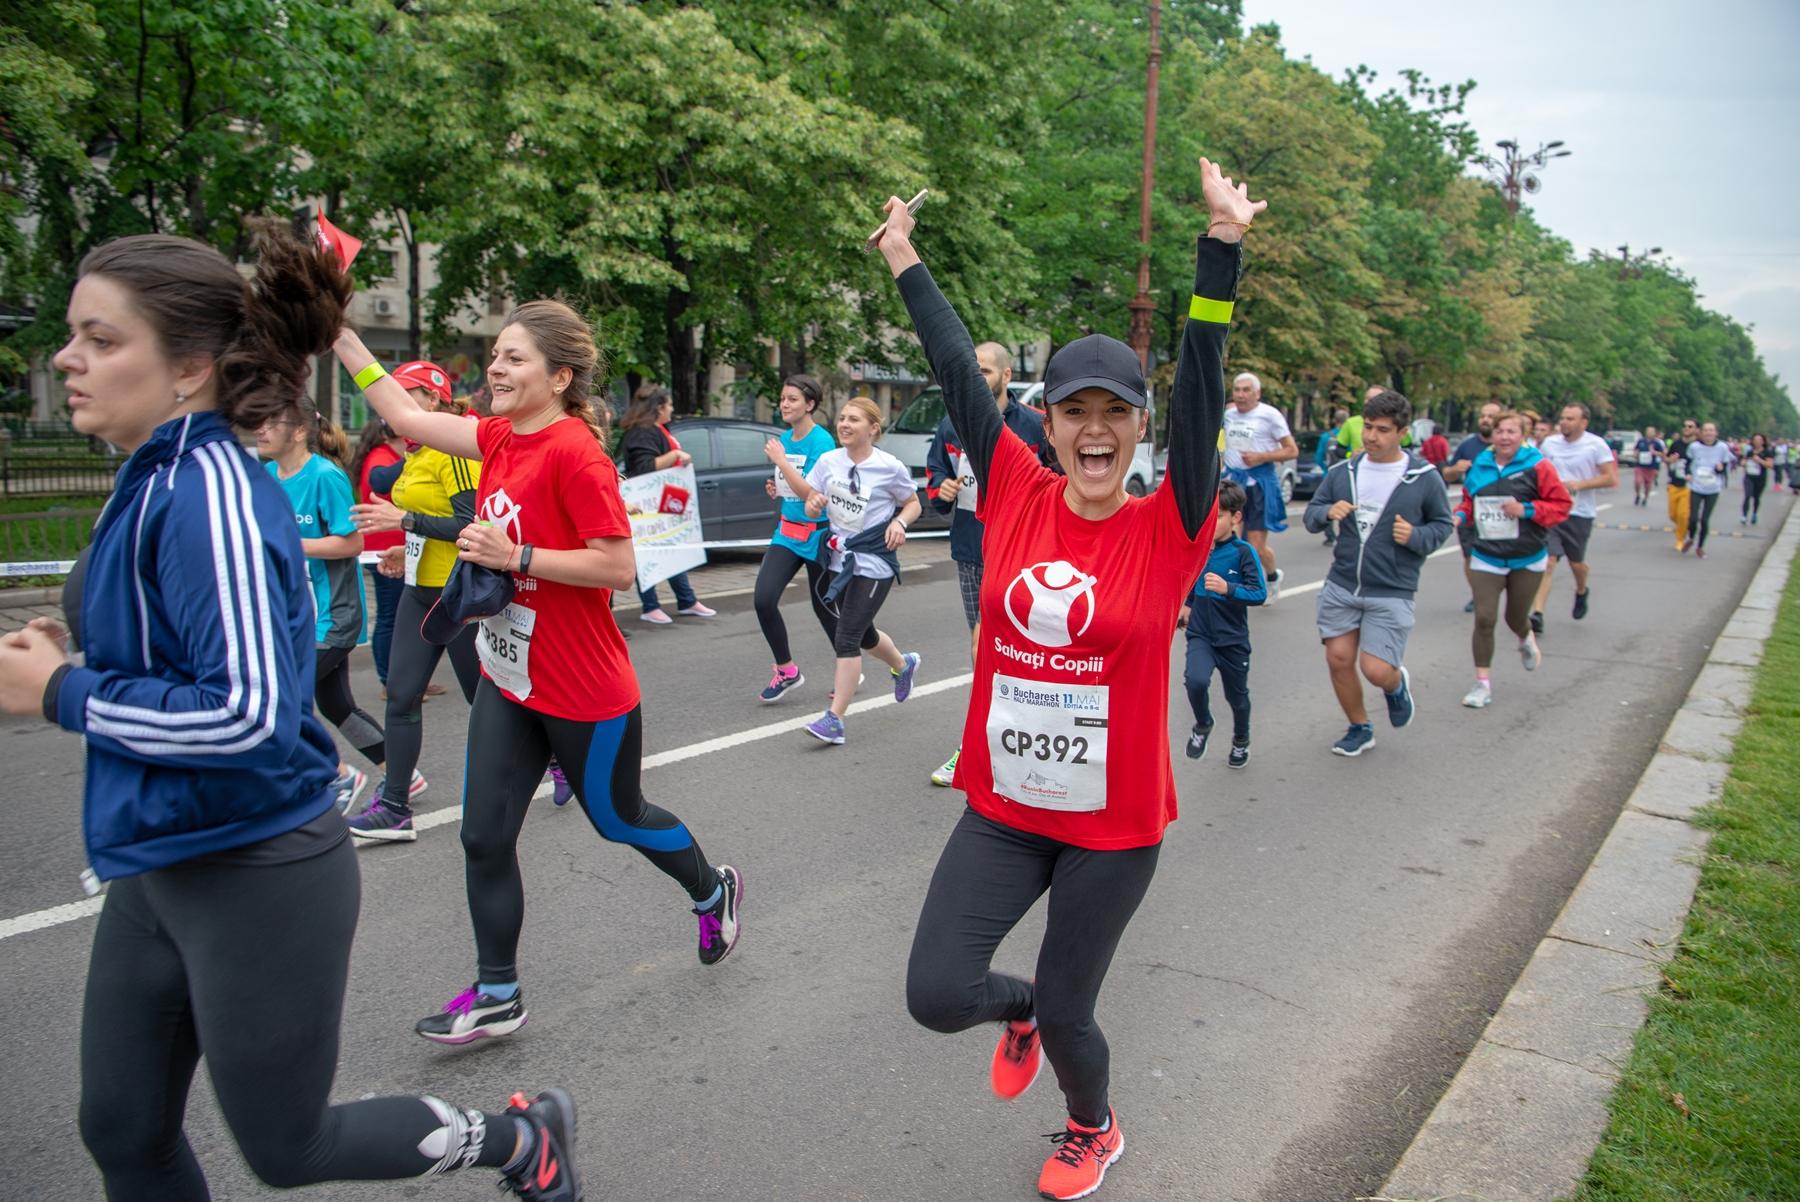 Echipa Salvați Copiii de 520 de alergători participanți la Bucharest Half Marathon a reușit să strângă 35.000 euro pentru dotarea Maternității Spitalului Universitar